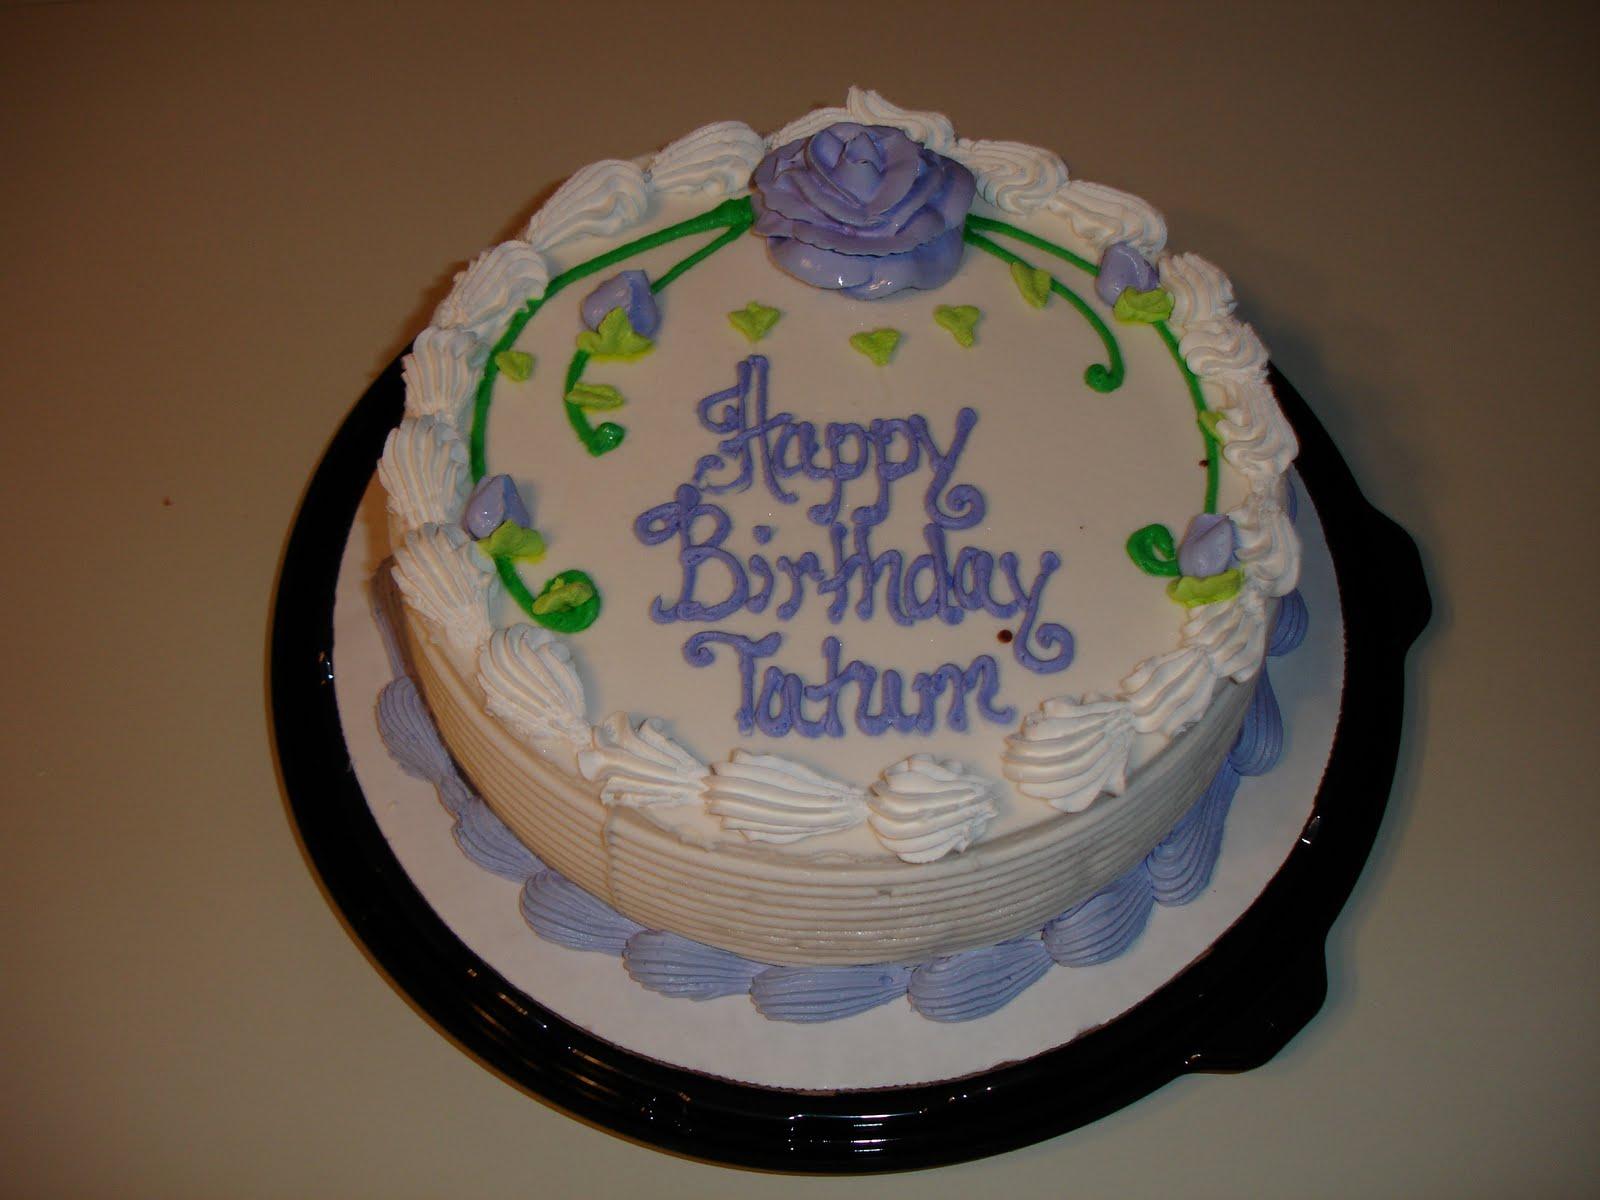 religious happy birthday images